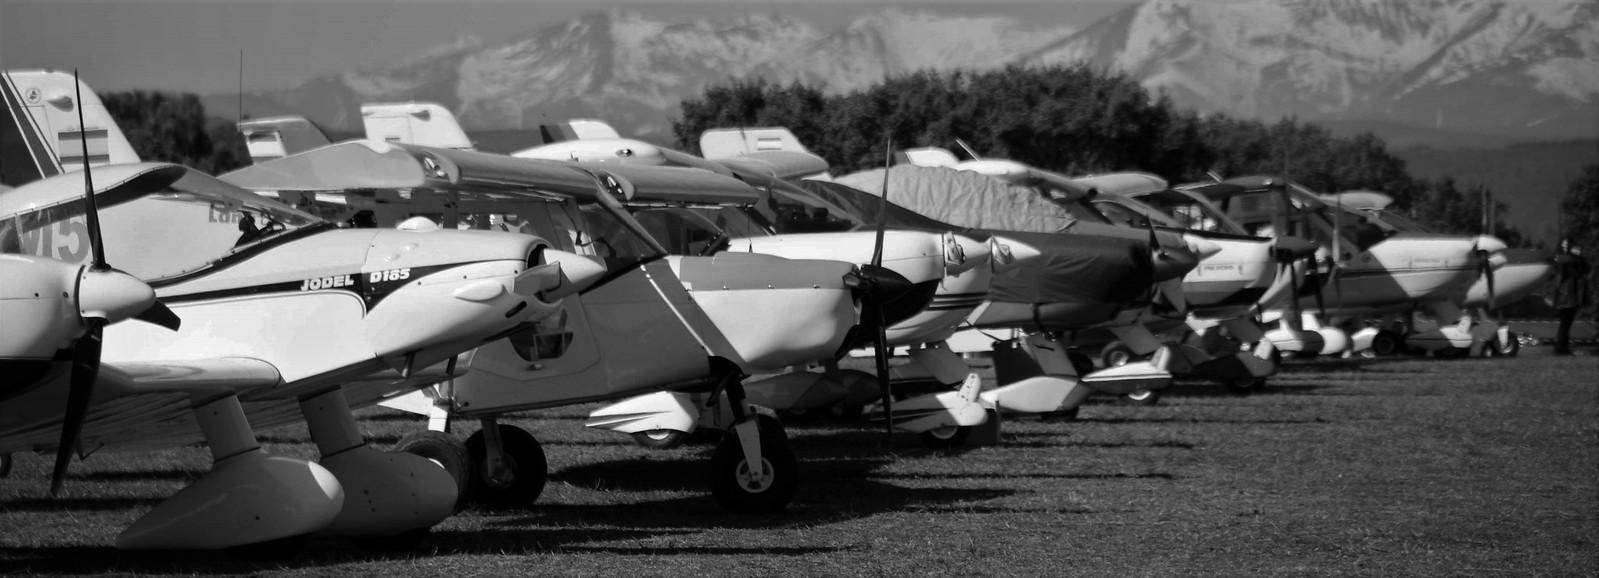 Ronda Aerea 2017 Aerodromo de Astorga (188) (2)